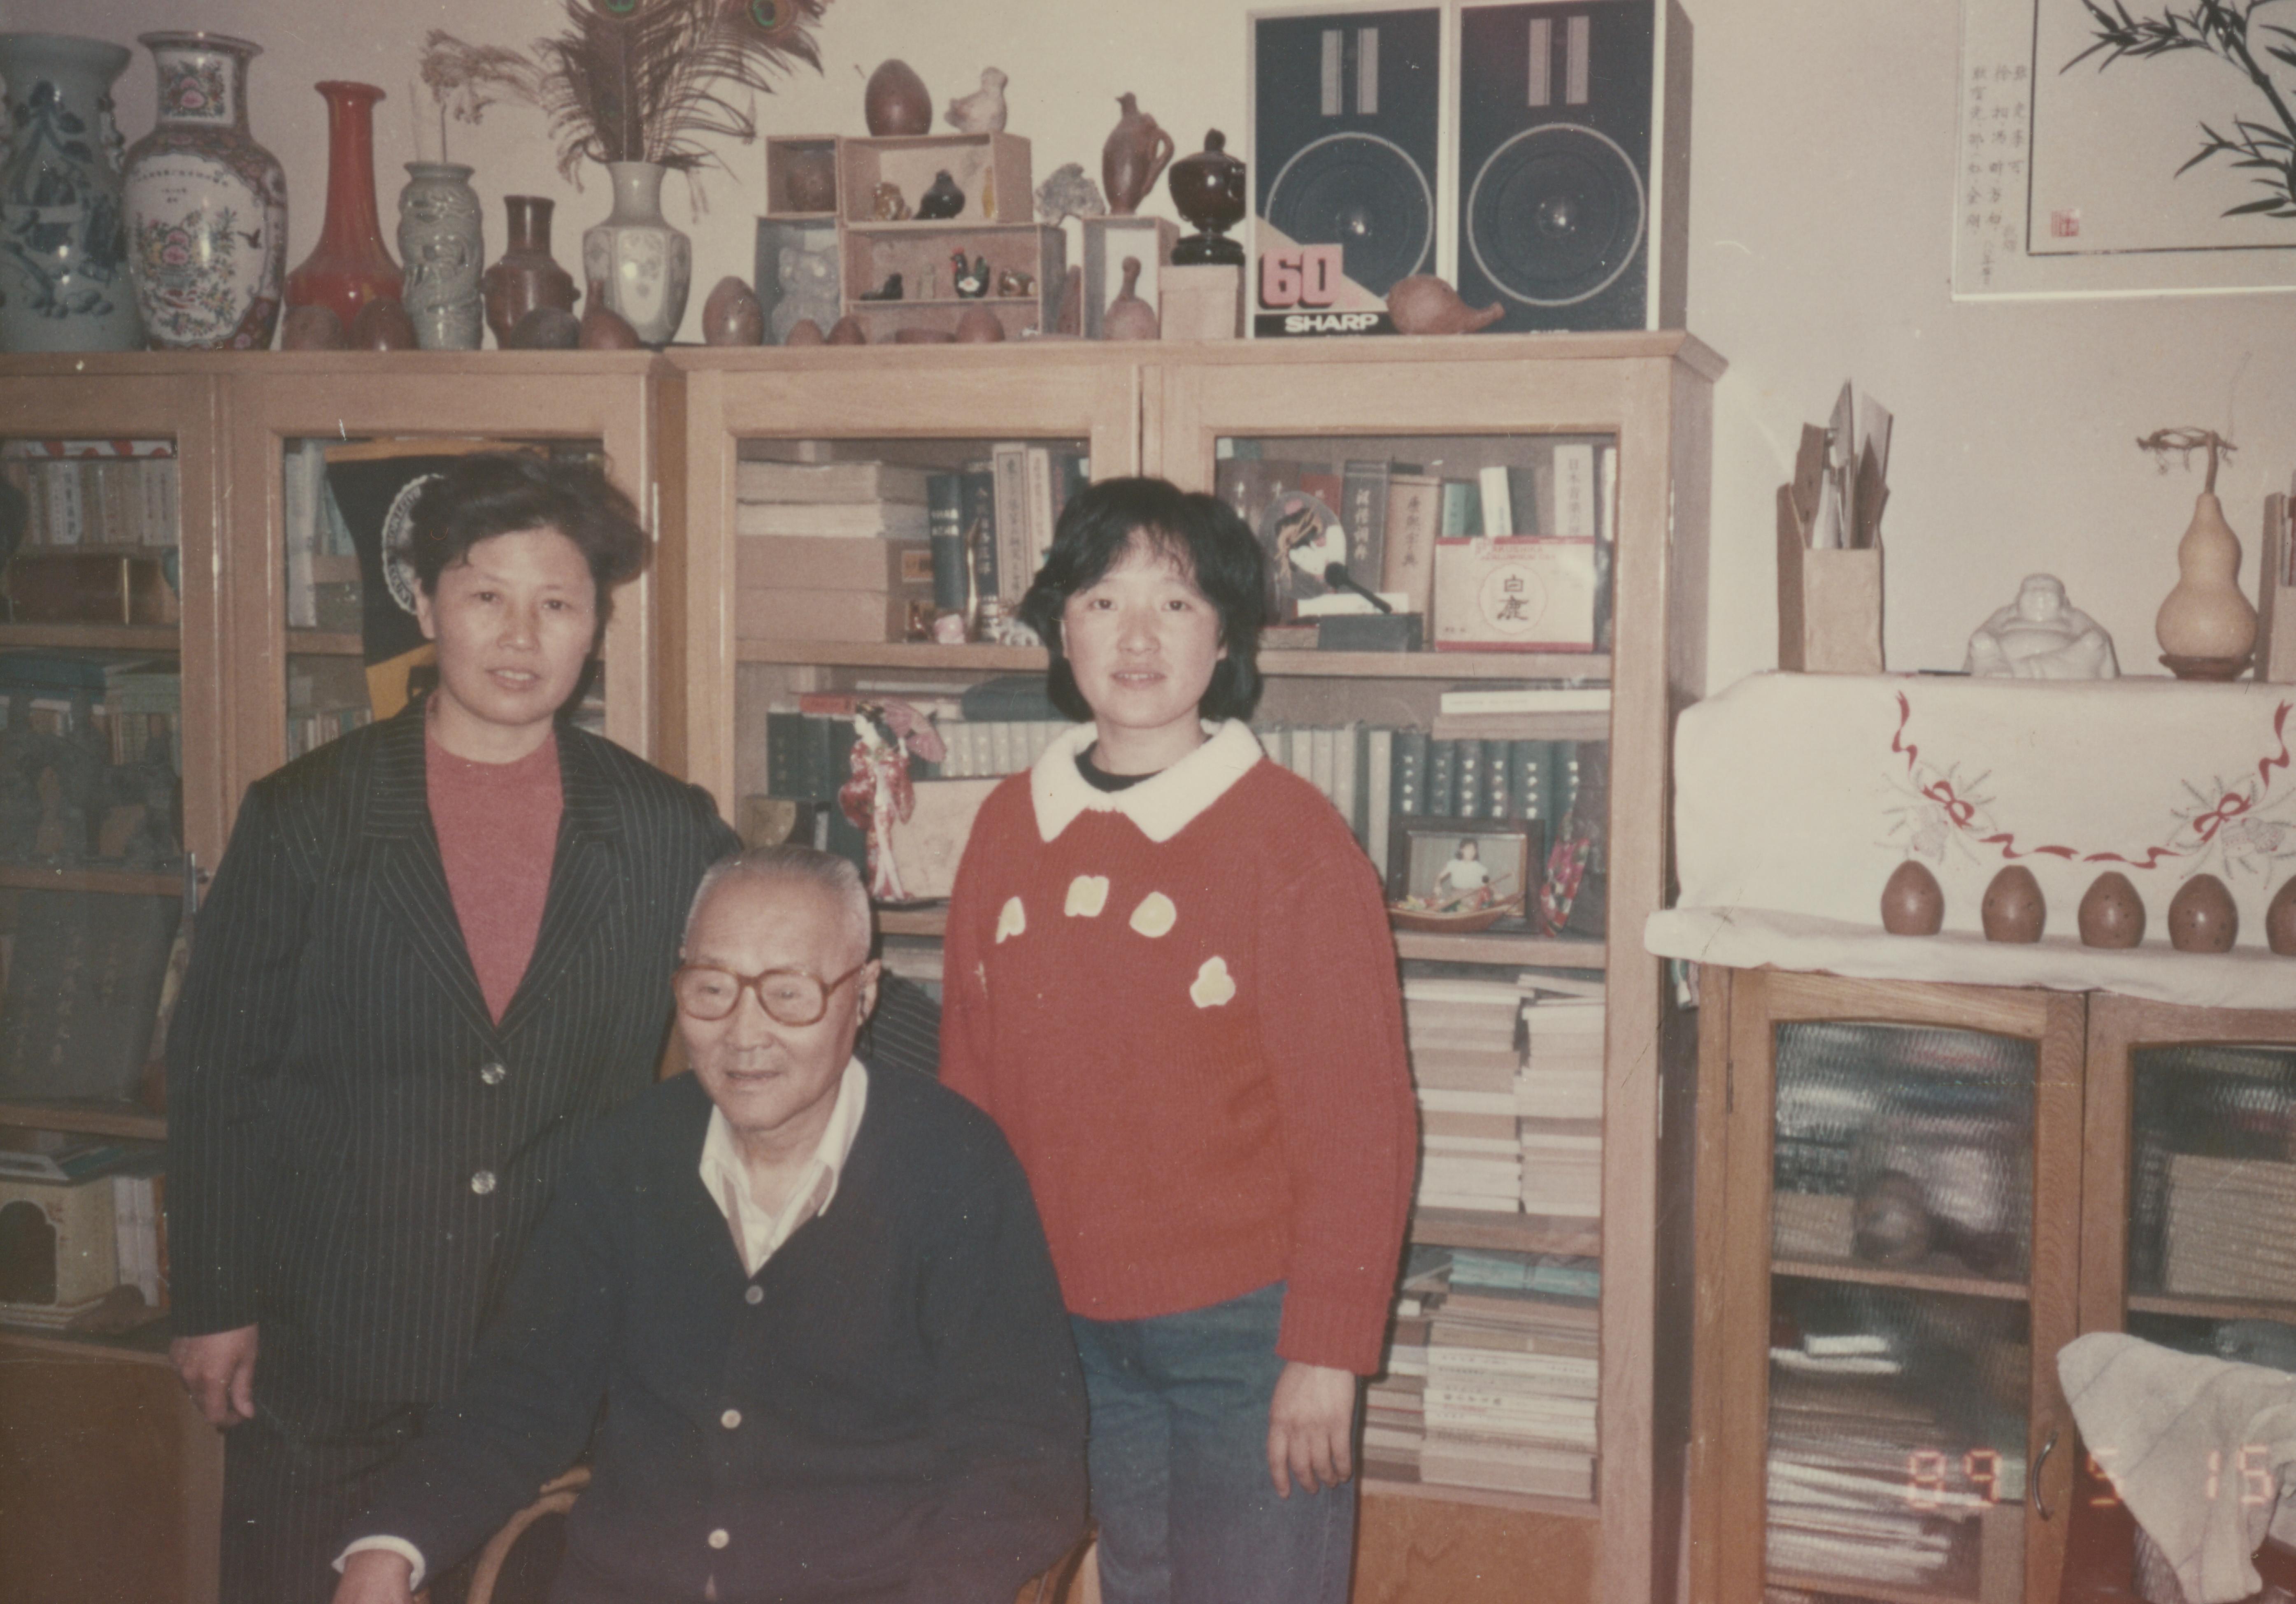 87年在曹正老师家中合影留念